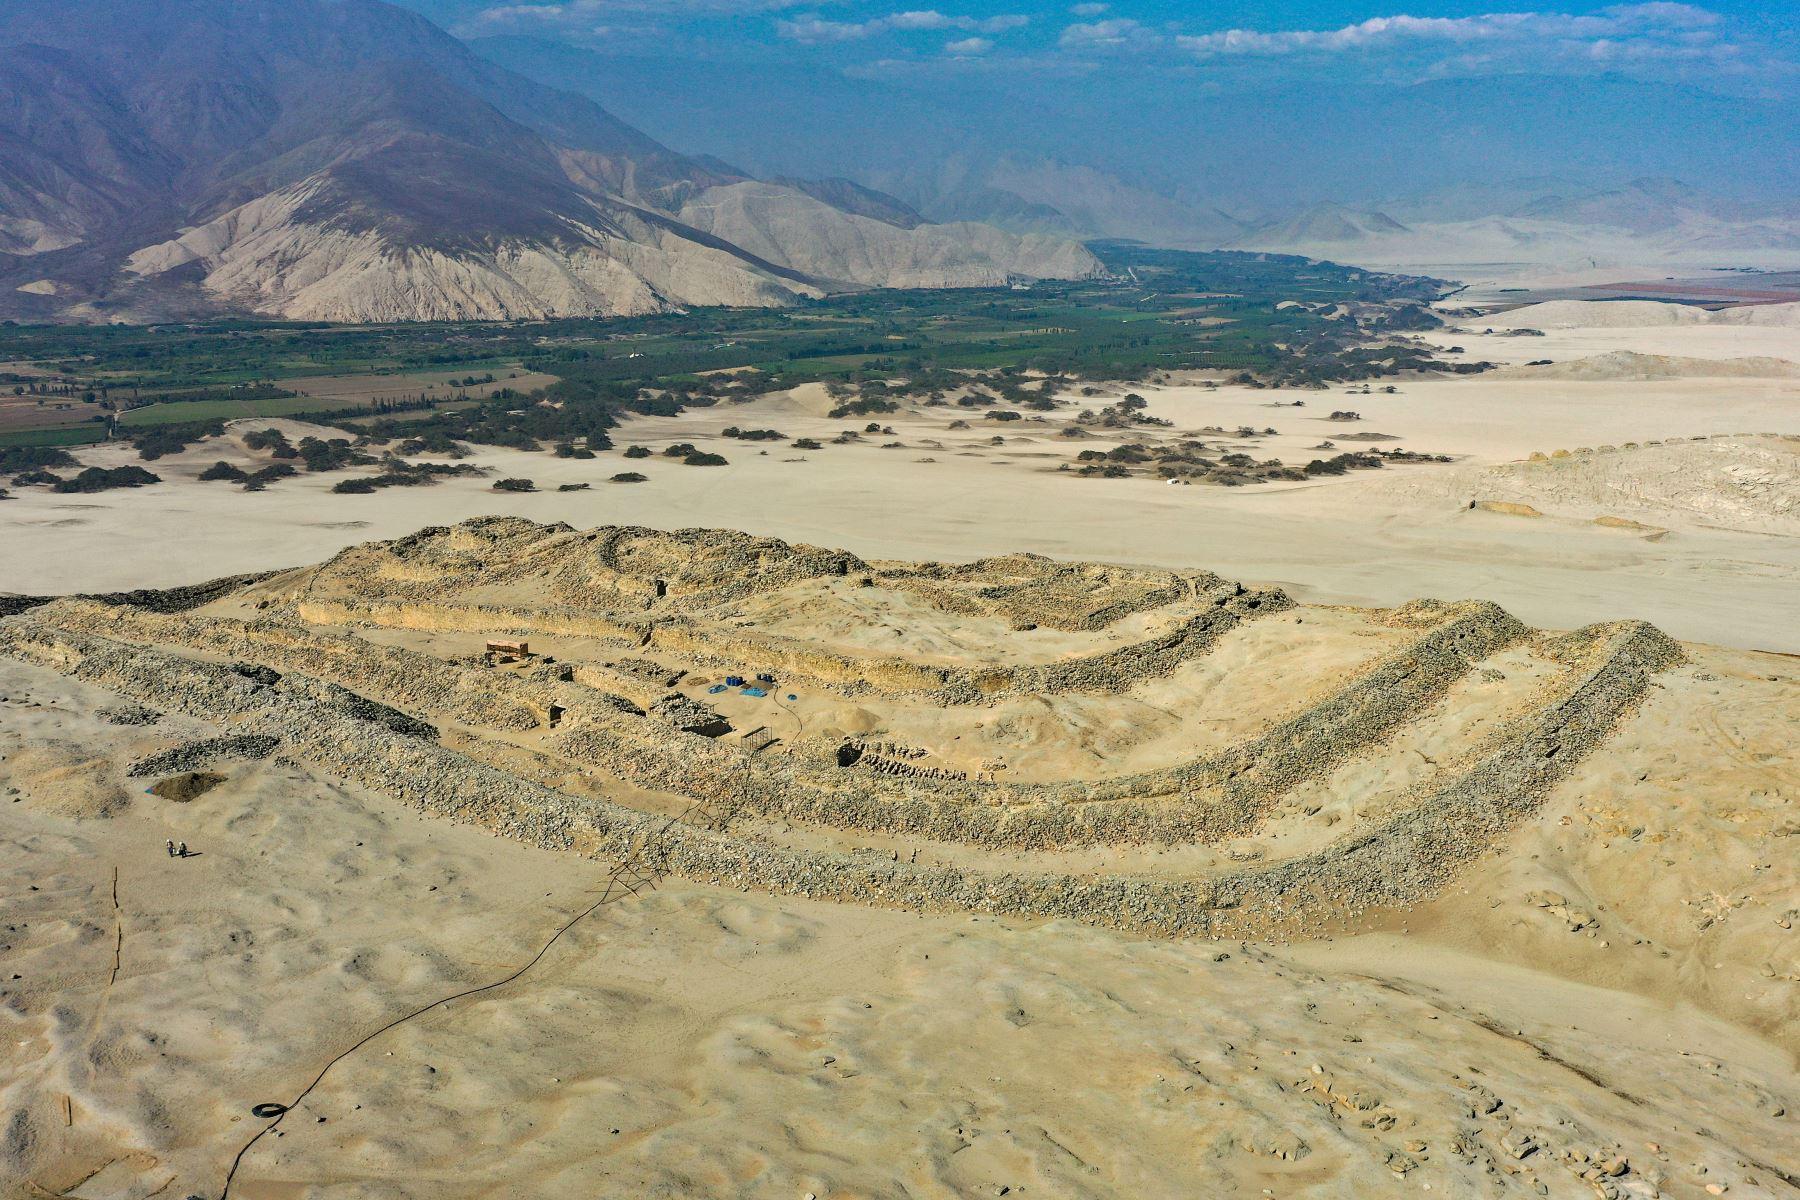 La decisión de la Unesco de incluir a Chankillo en su Lista de Patrimonio Mundial potenciará el turismo en la provincia de Casma, en Áncash. AFP